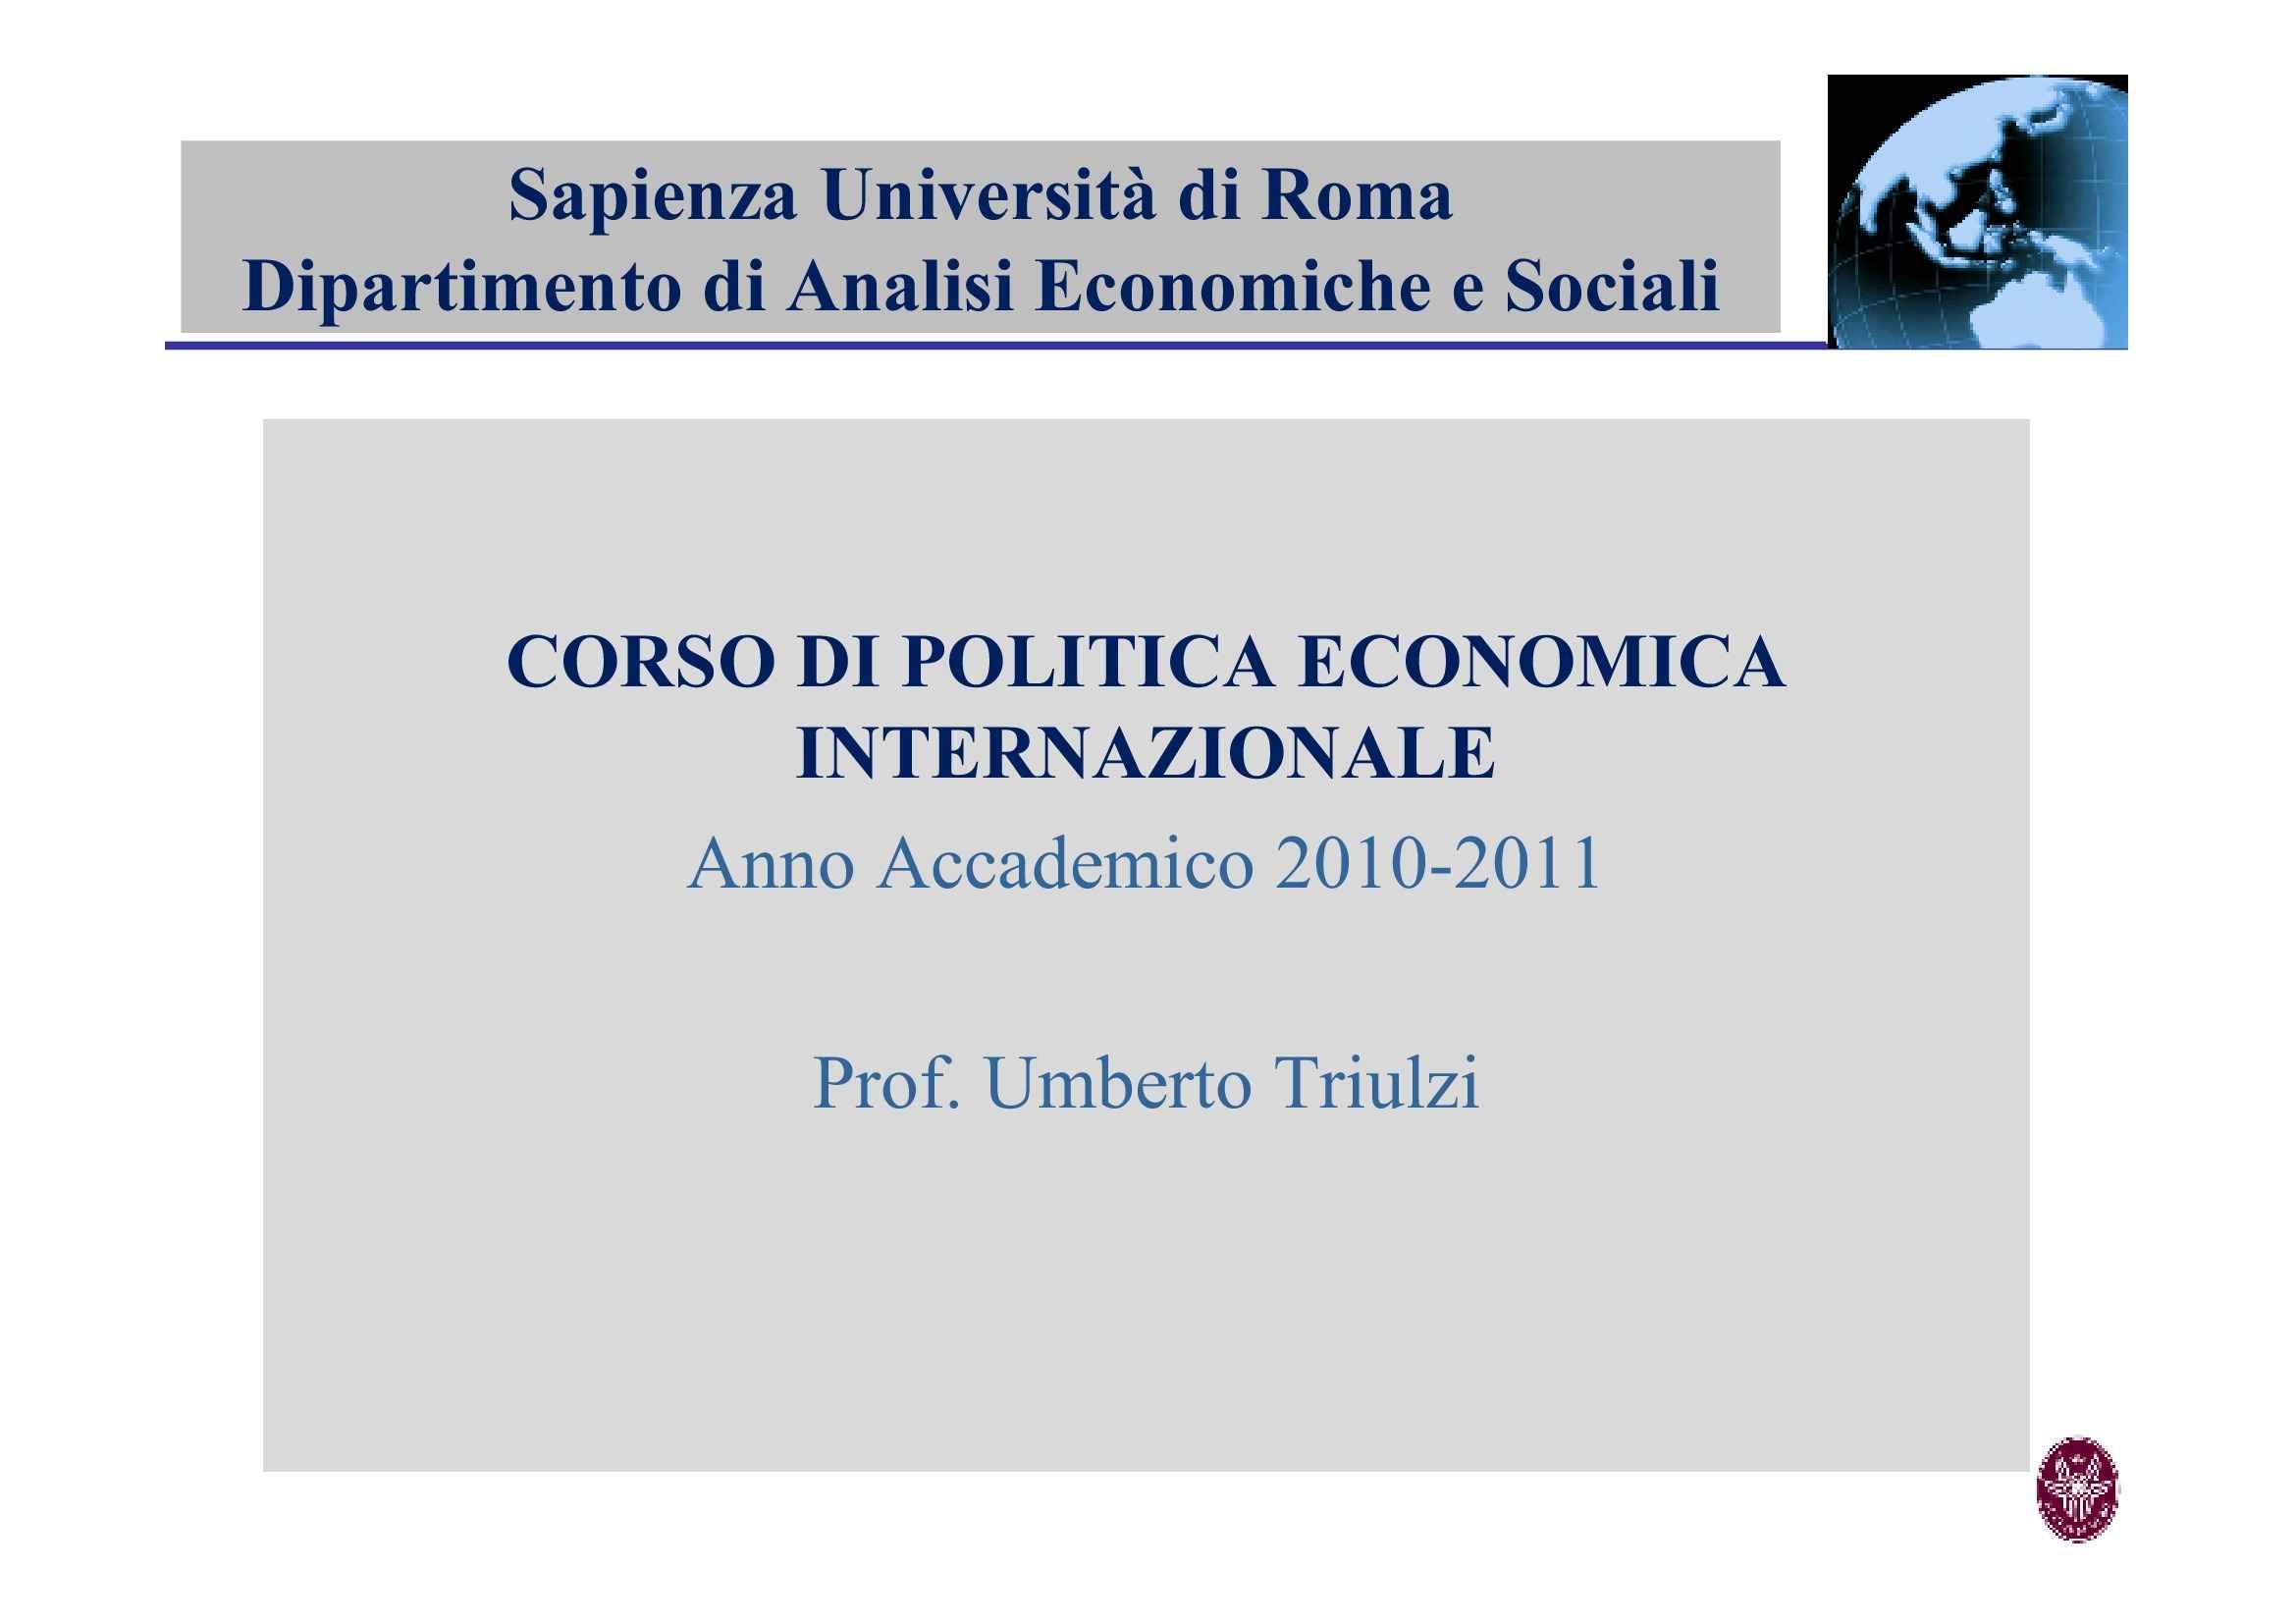 Beni pubblici e cooperazione internazionale